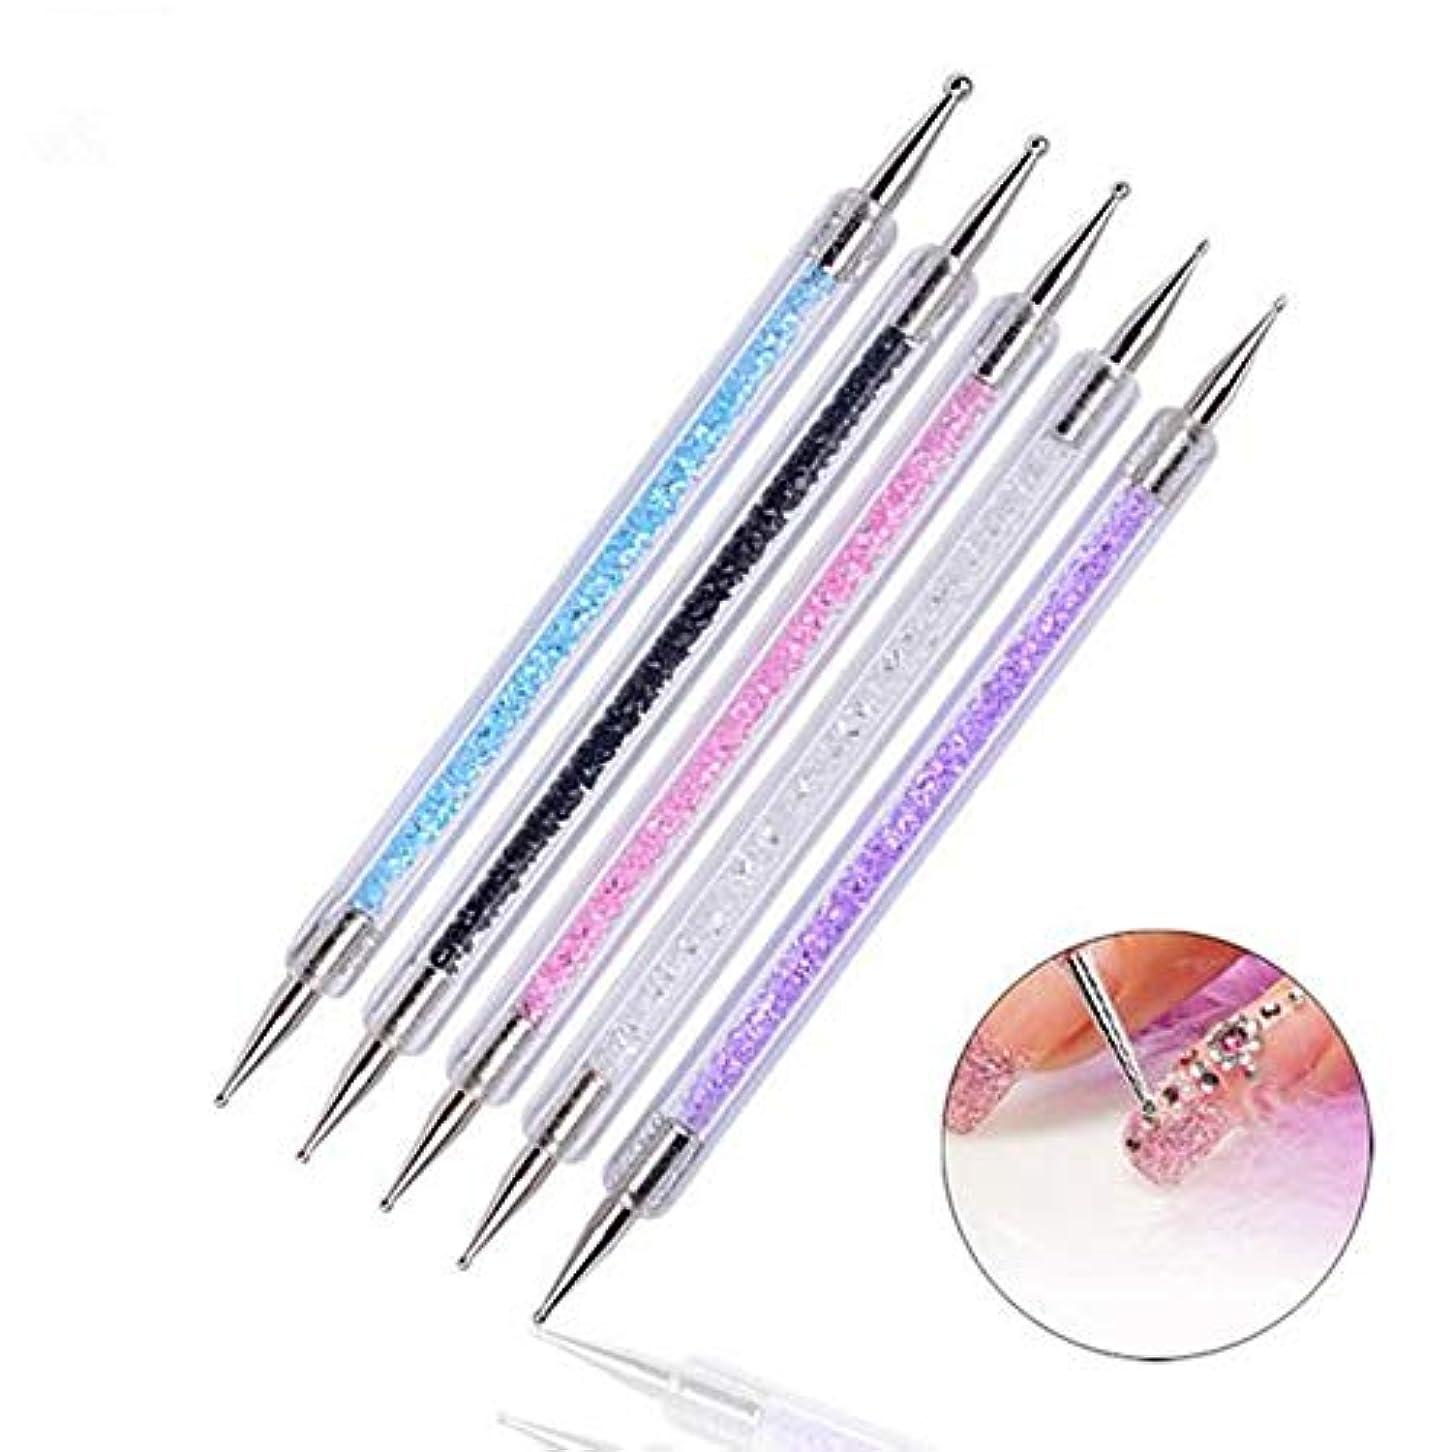 限りなくノベルティパスタKingsie ネイルアートペン ドッティングペン 5本セット ラインストーン ドットペン ネイルデザイン マニキュアツール